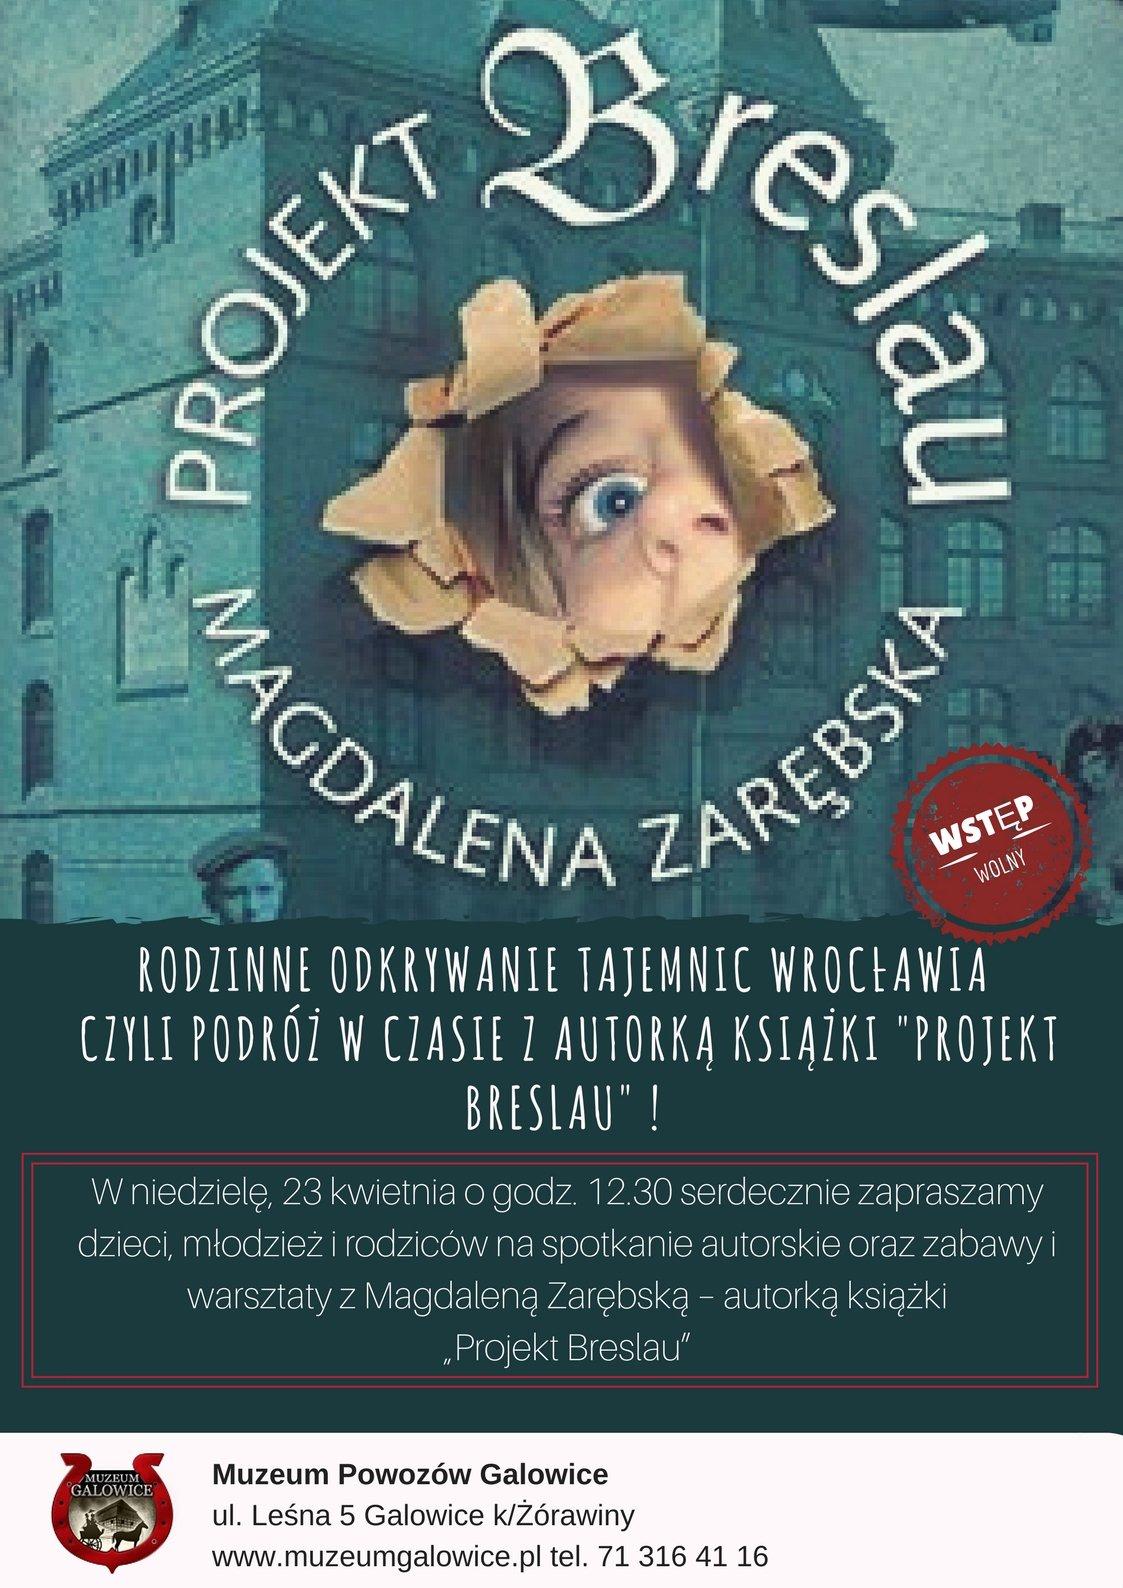 Rodzinne odkrywanie tajemnic Wrocławia